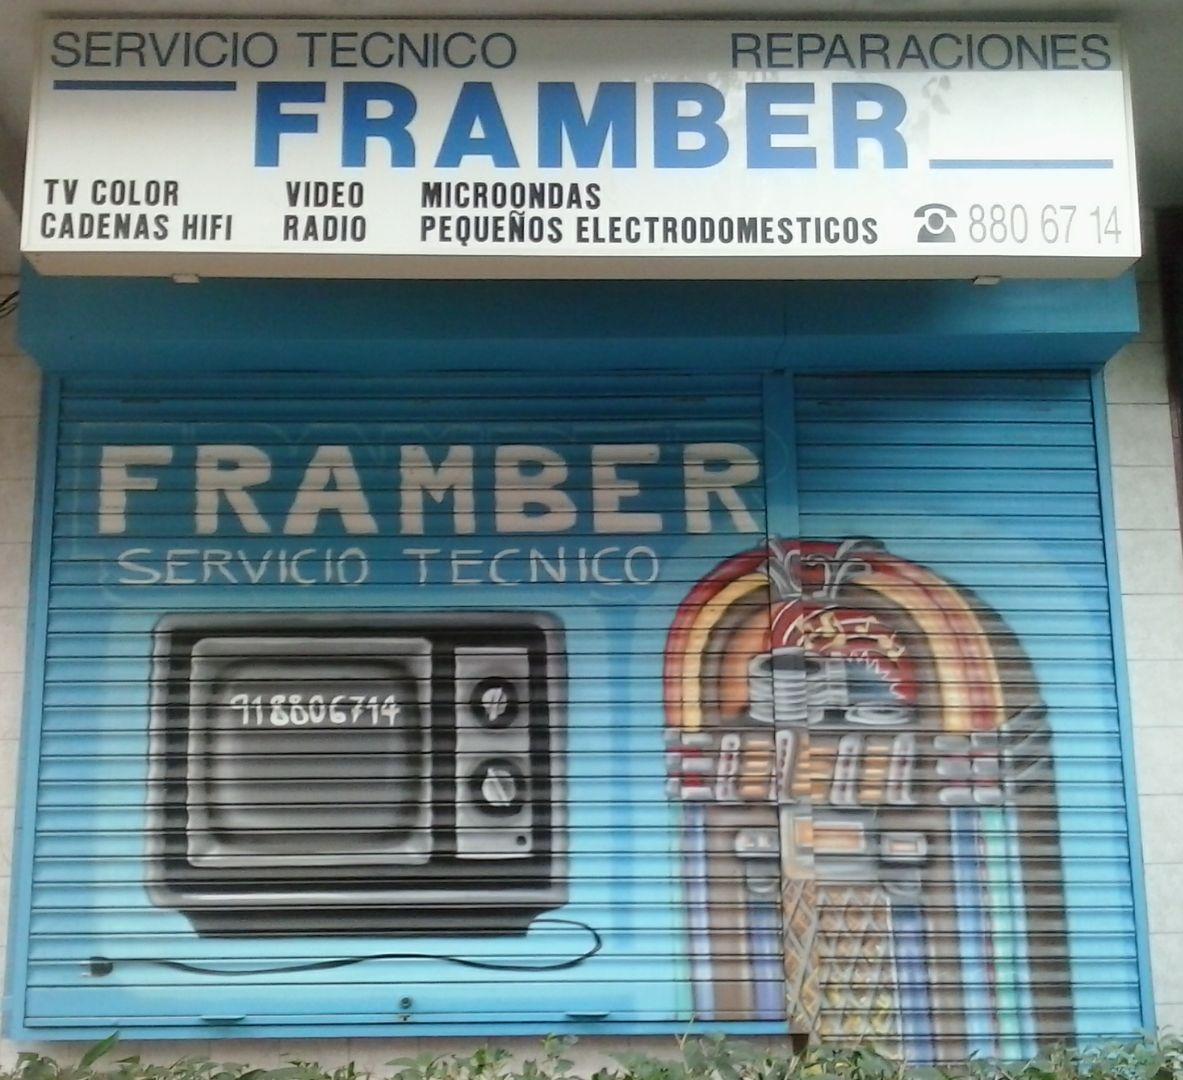 Tienda de reparaciones de electrodomésticos pequeños en Alcalá de Henares